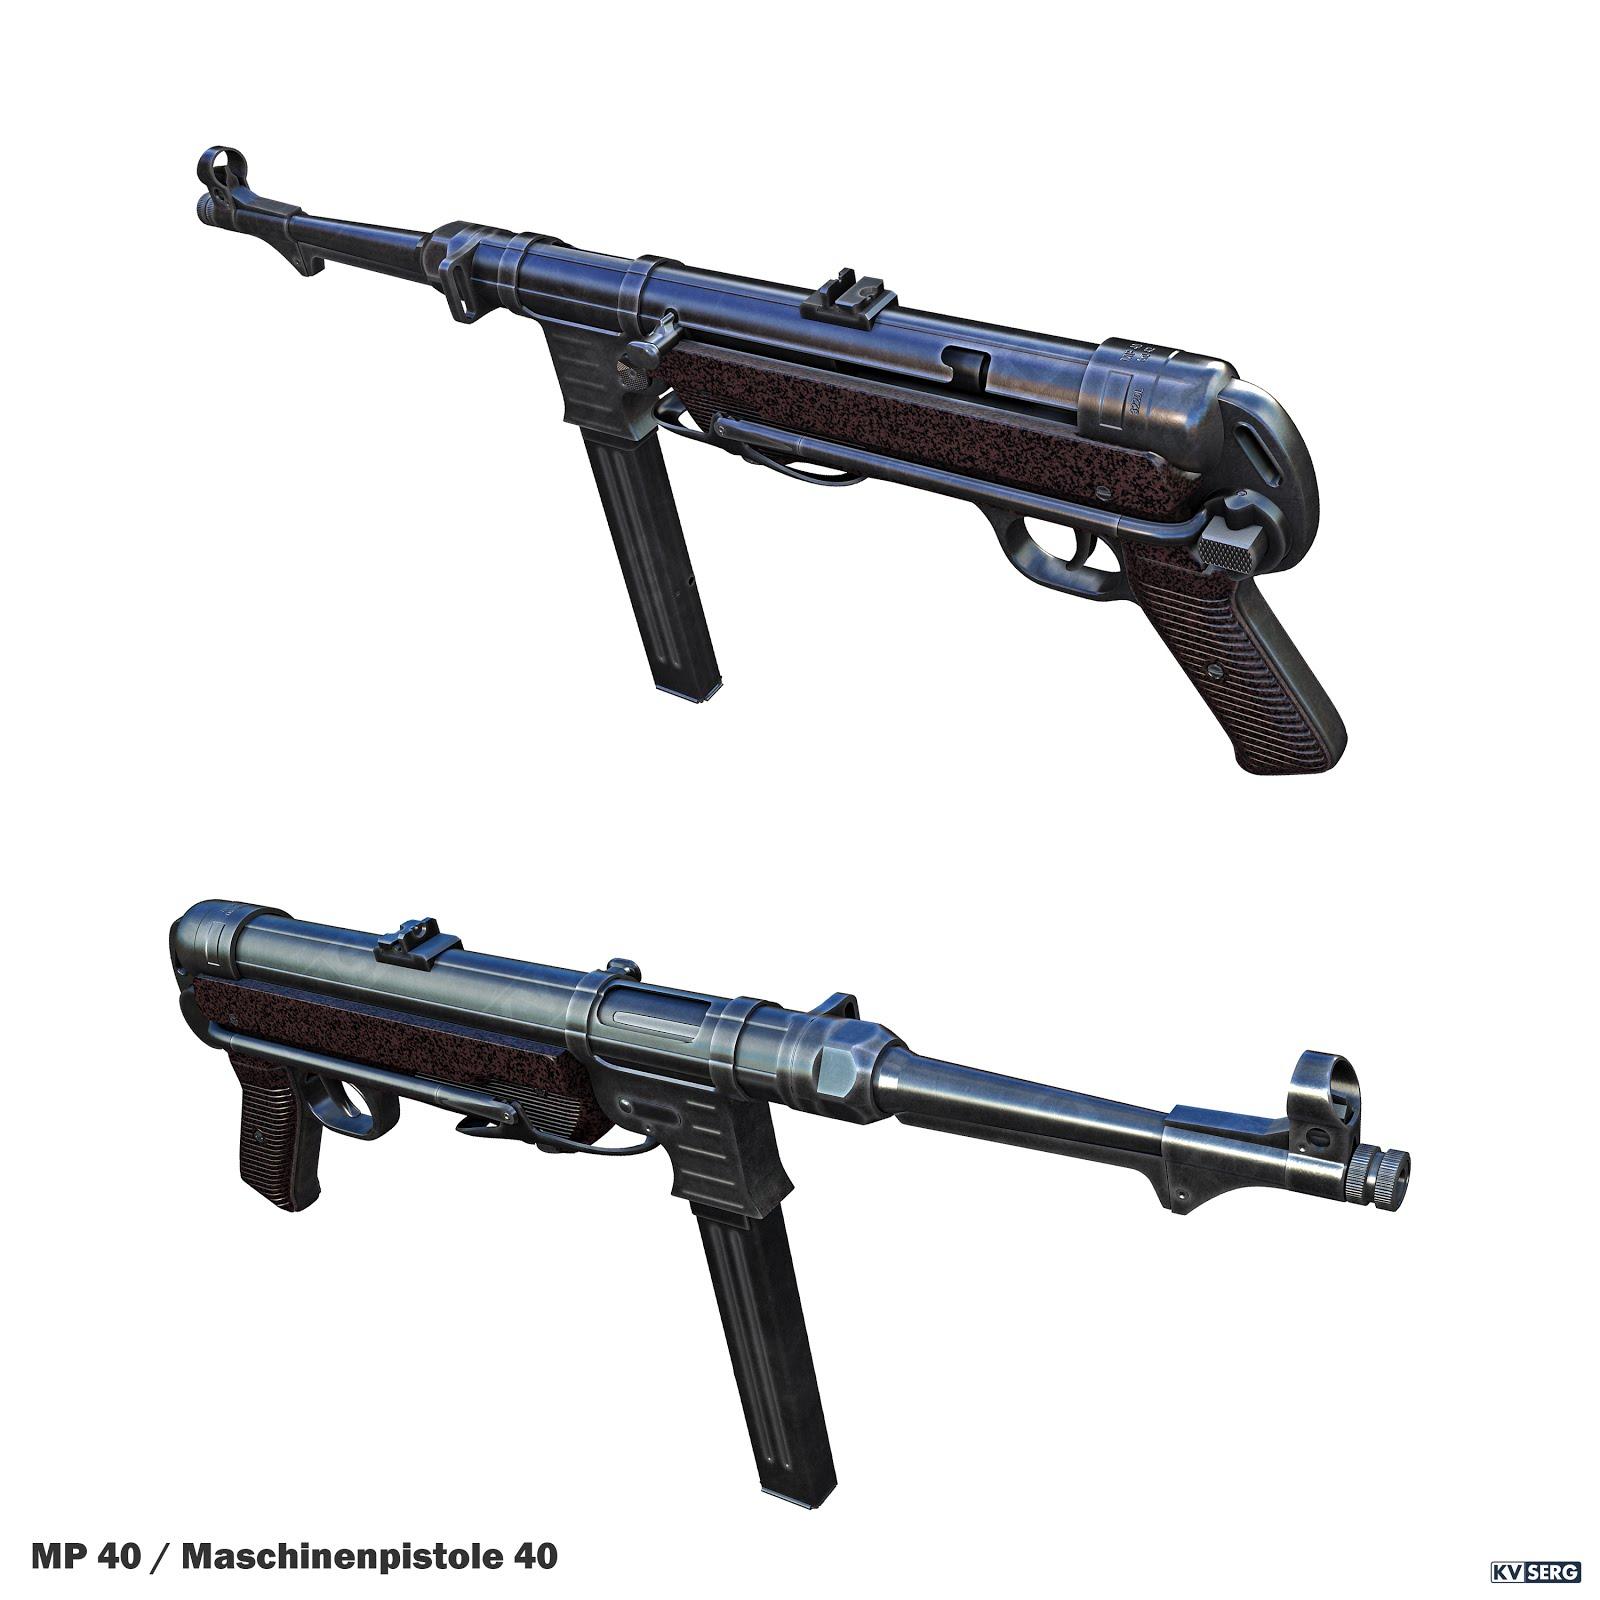 KVSERG ART: MP-40